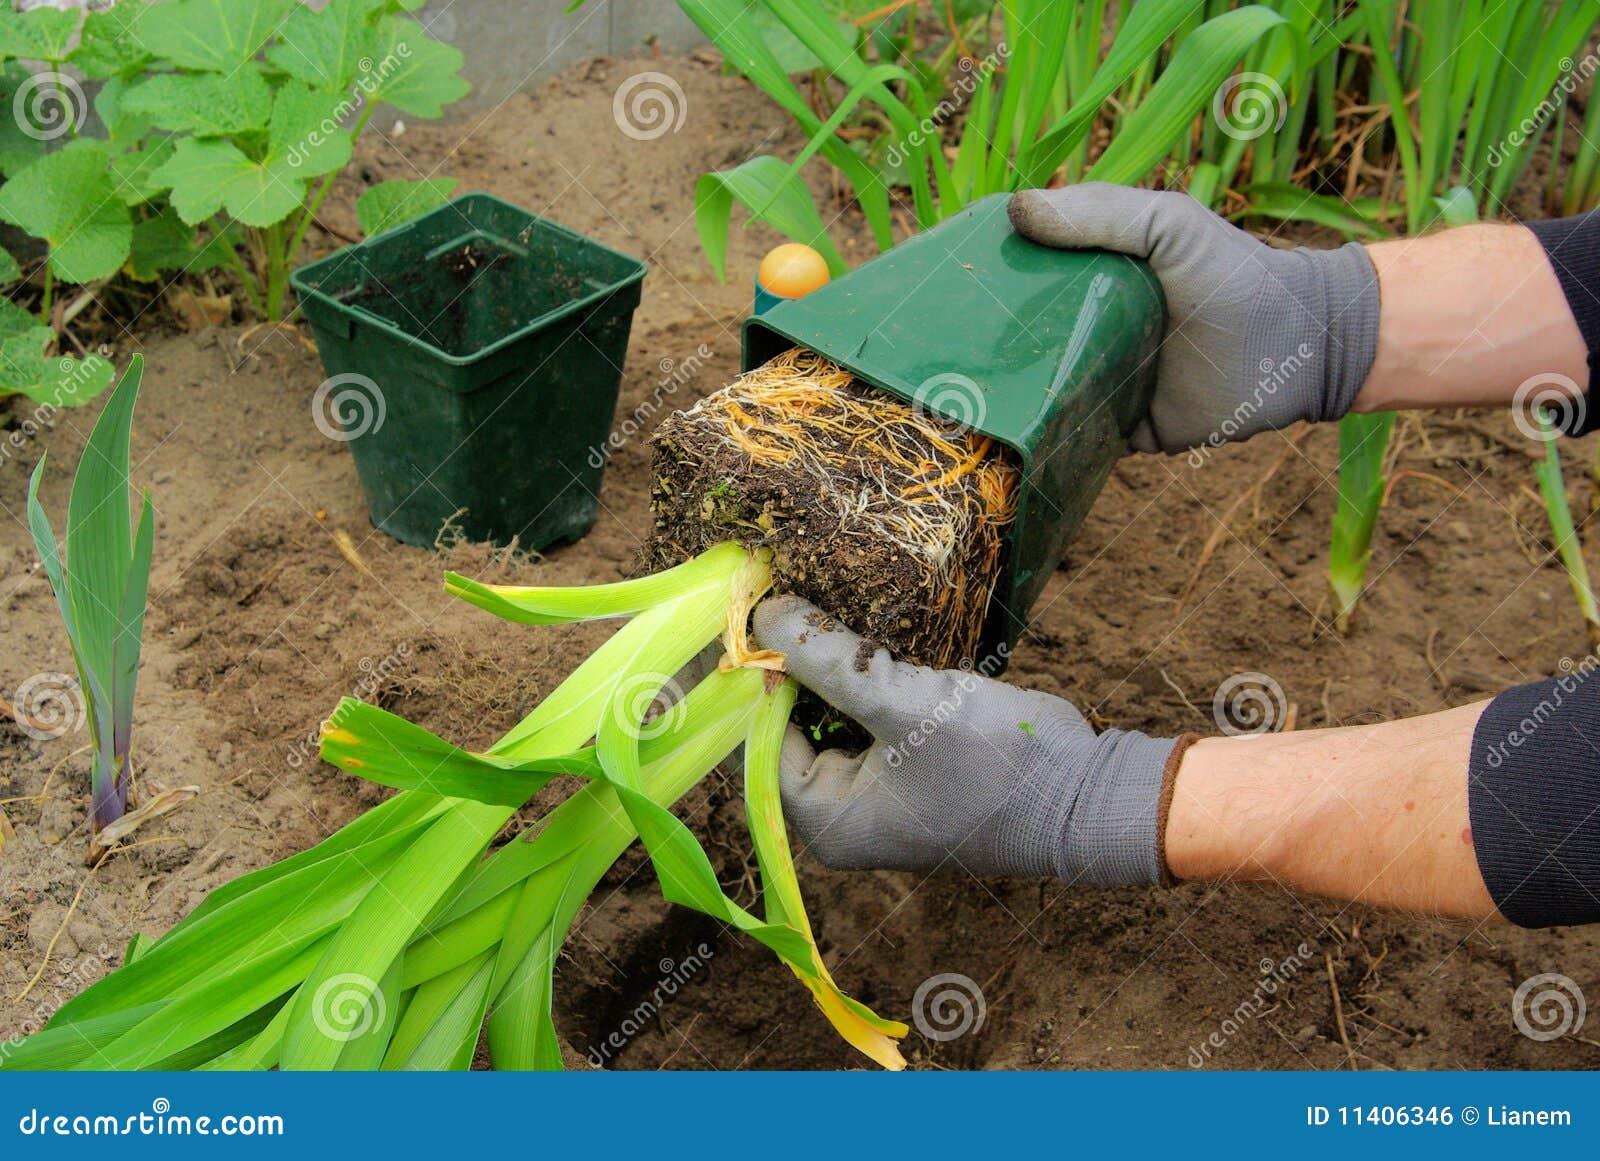 Planting a daylily